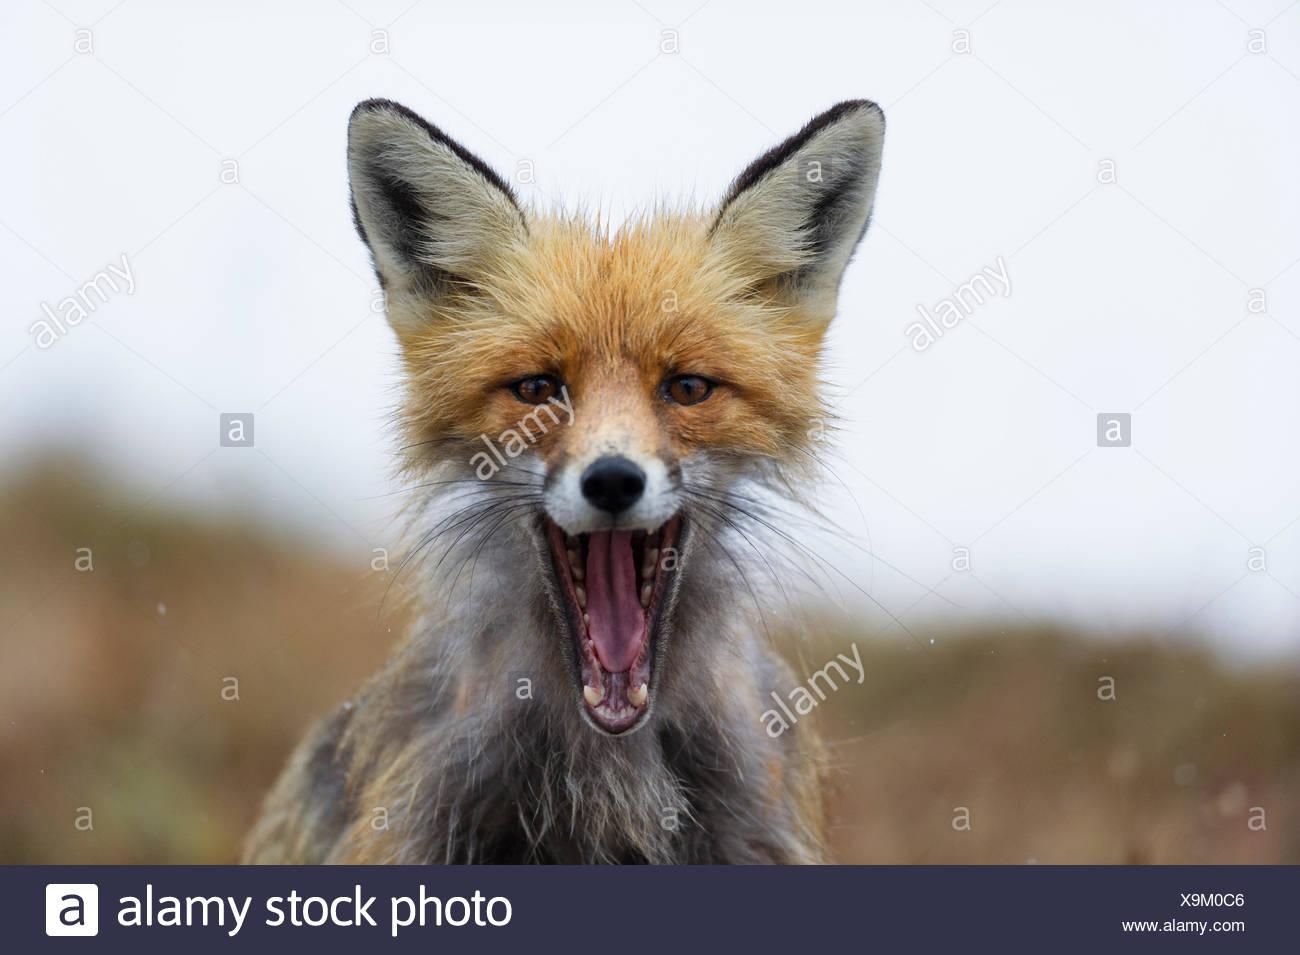 Portrait d'un renard roux, Vulpes vulpes, avec la bouche ouverte. Banque D'Images